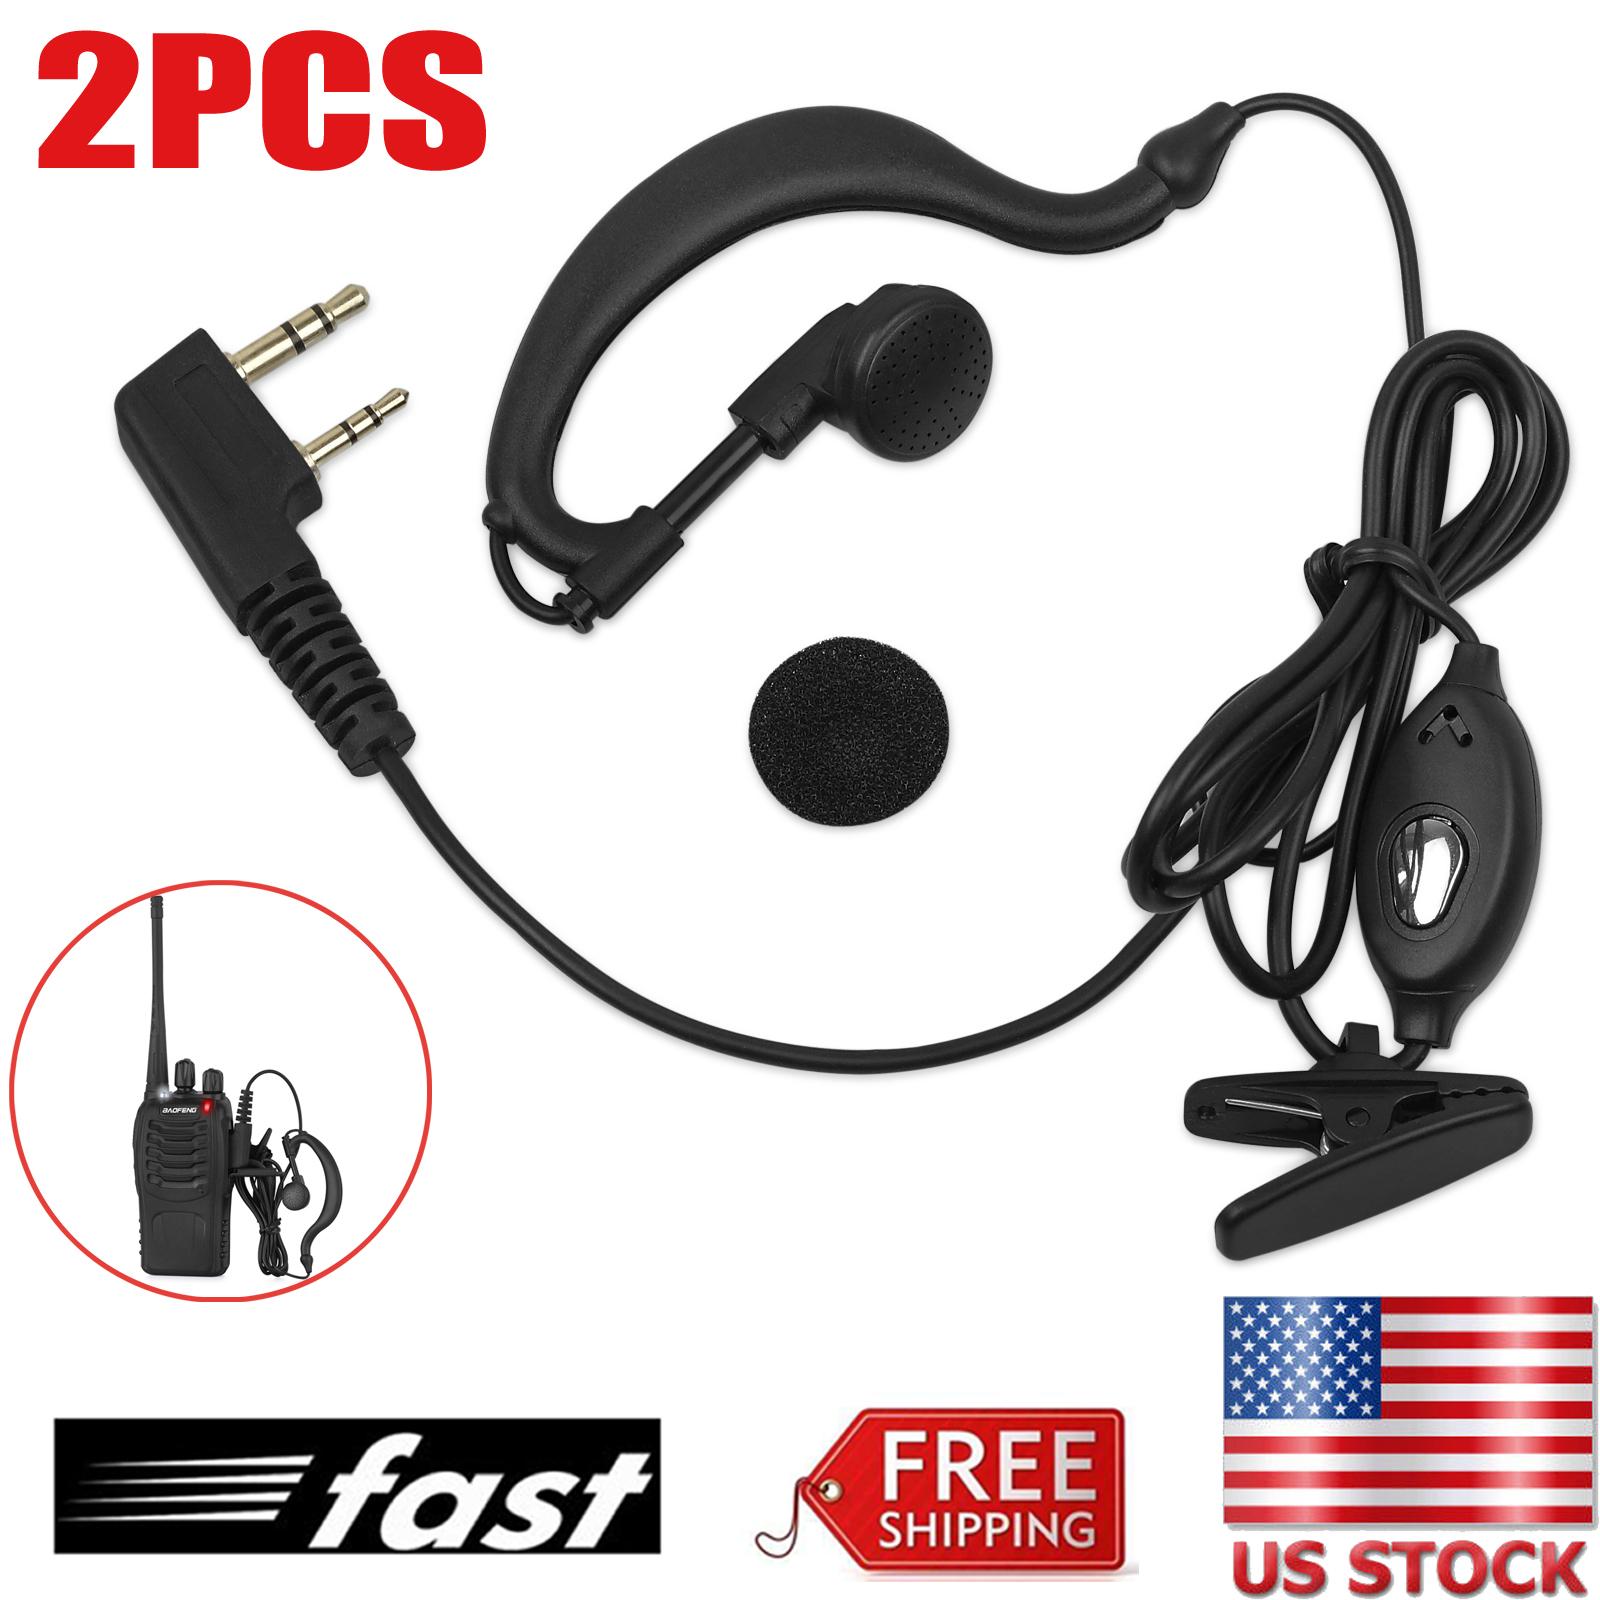 2PCS 100cm Headset//Earpiece Baofeng Radio 2Pin Walkie Talkie Headphone Ear Clip